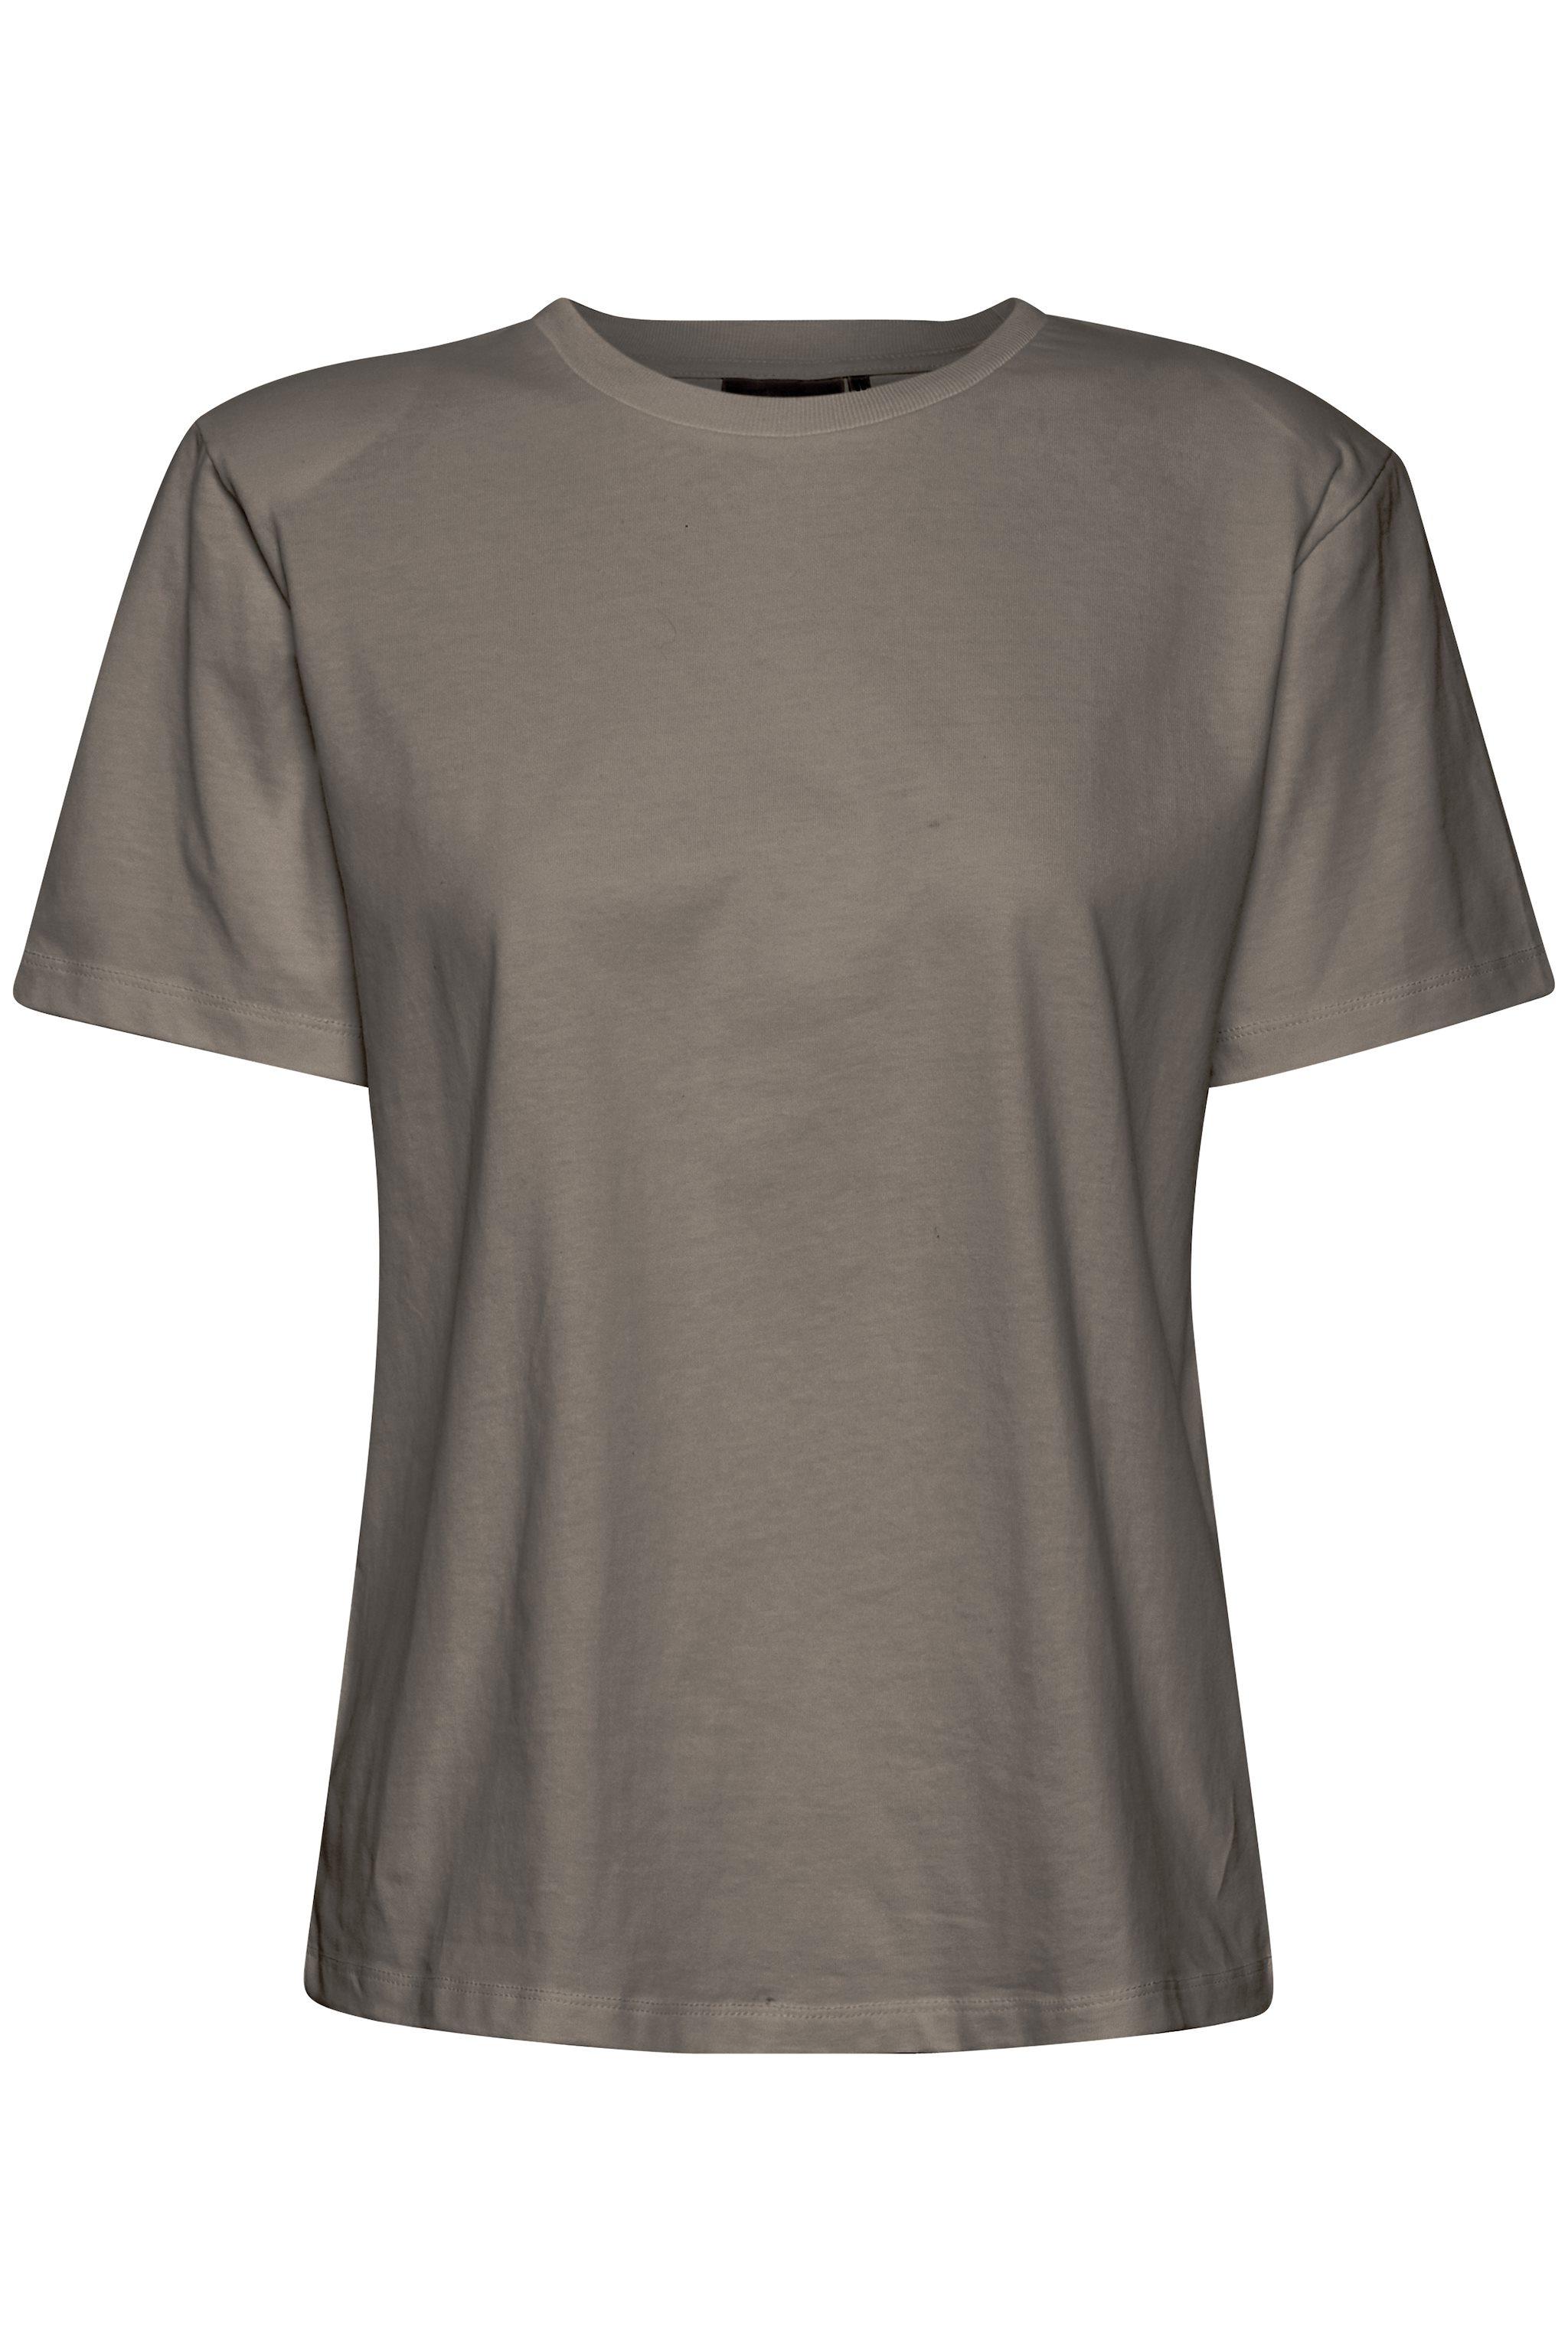 Gestuz Jory t-shirt